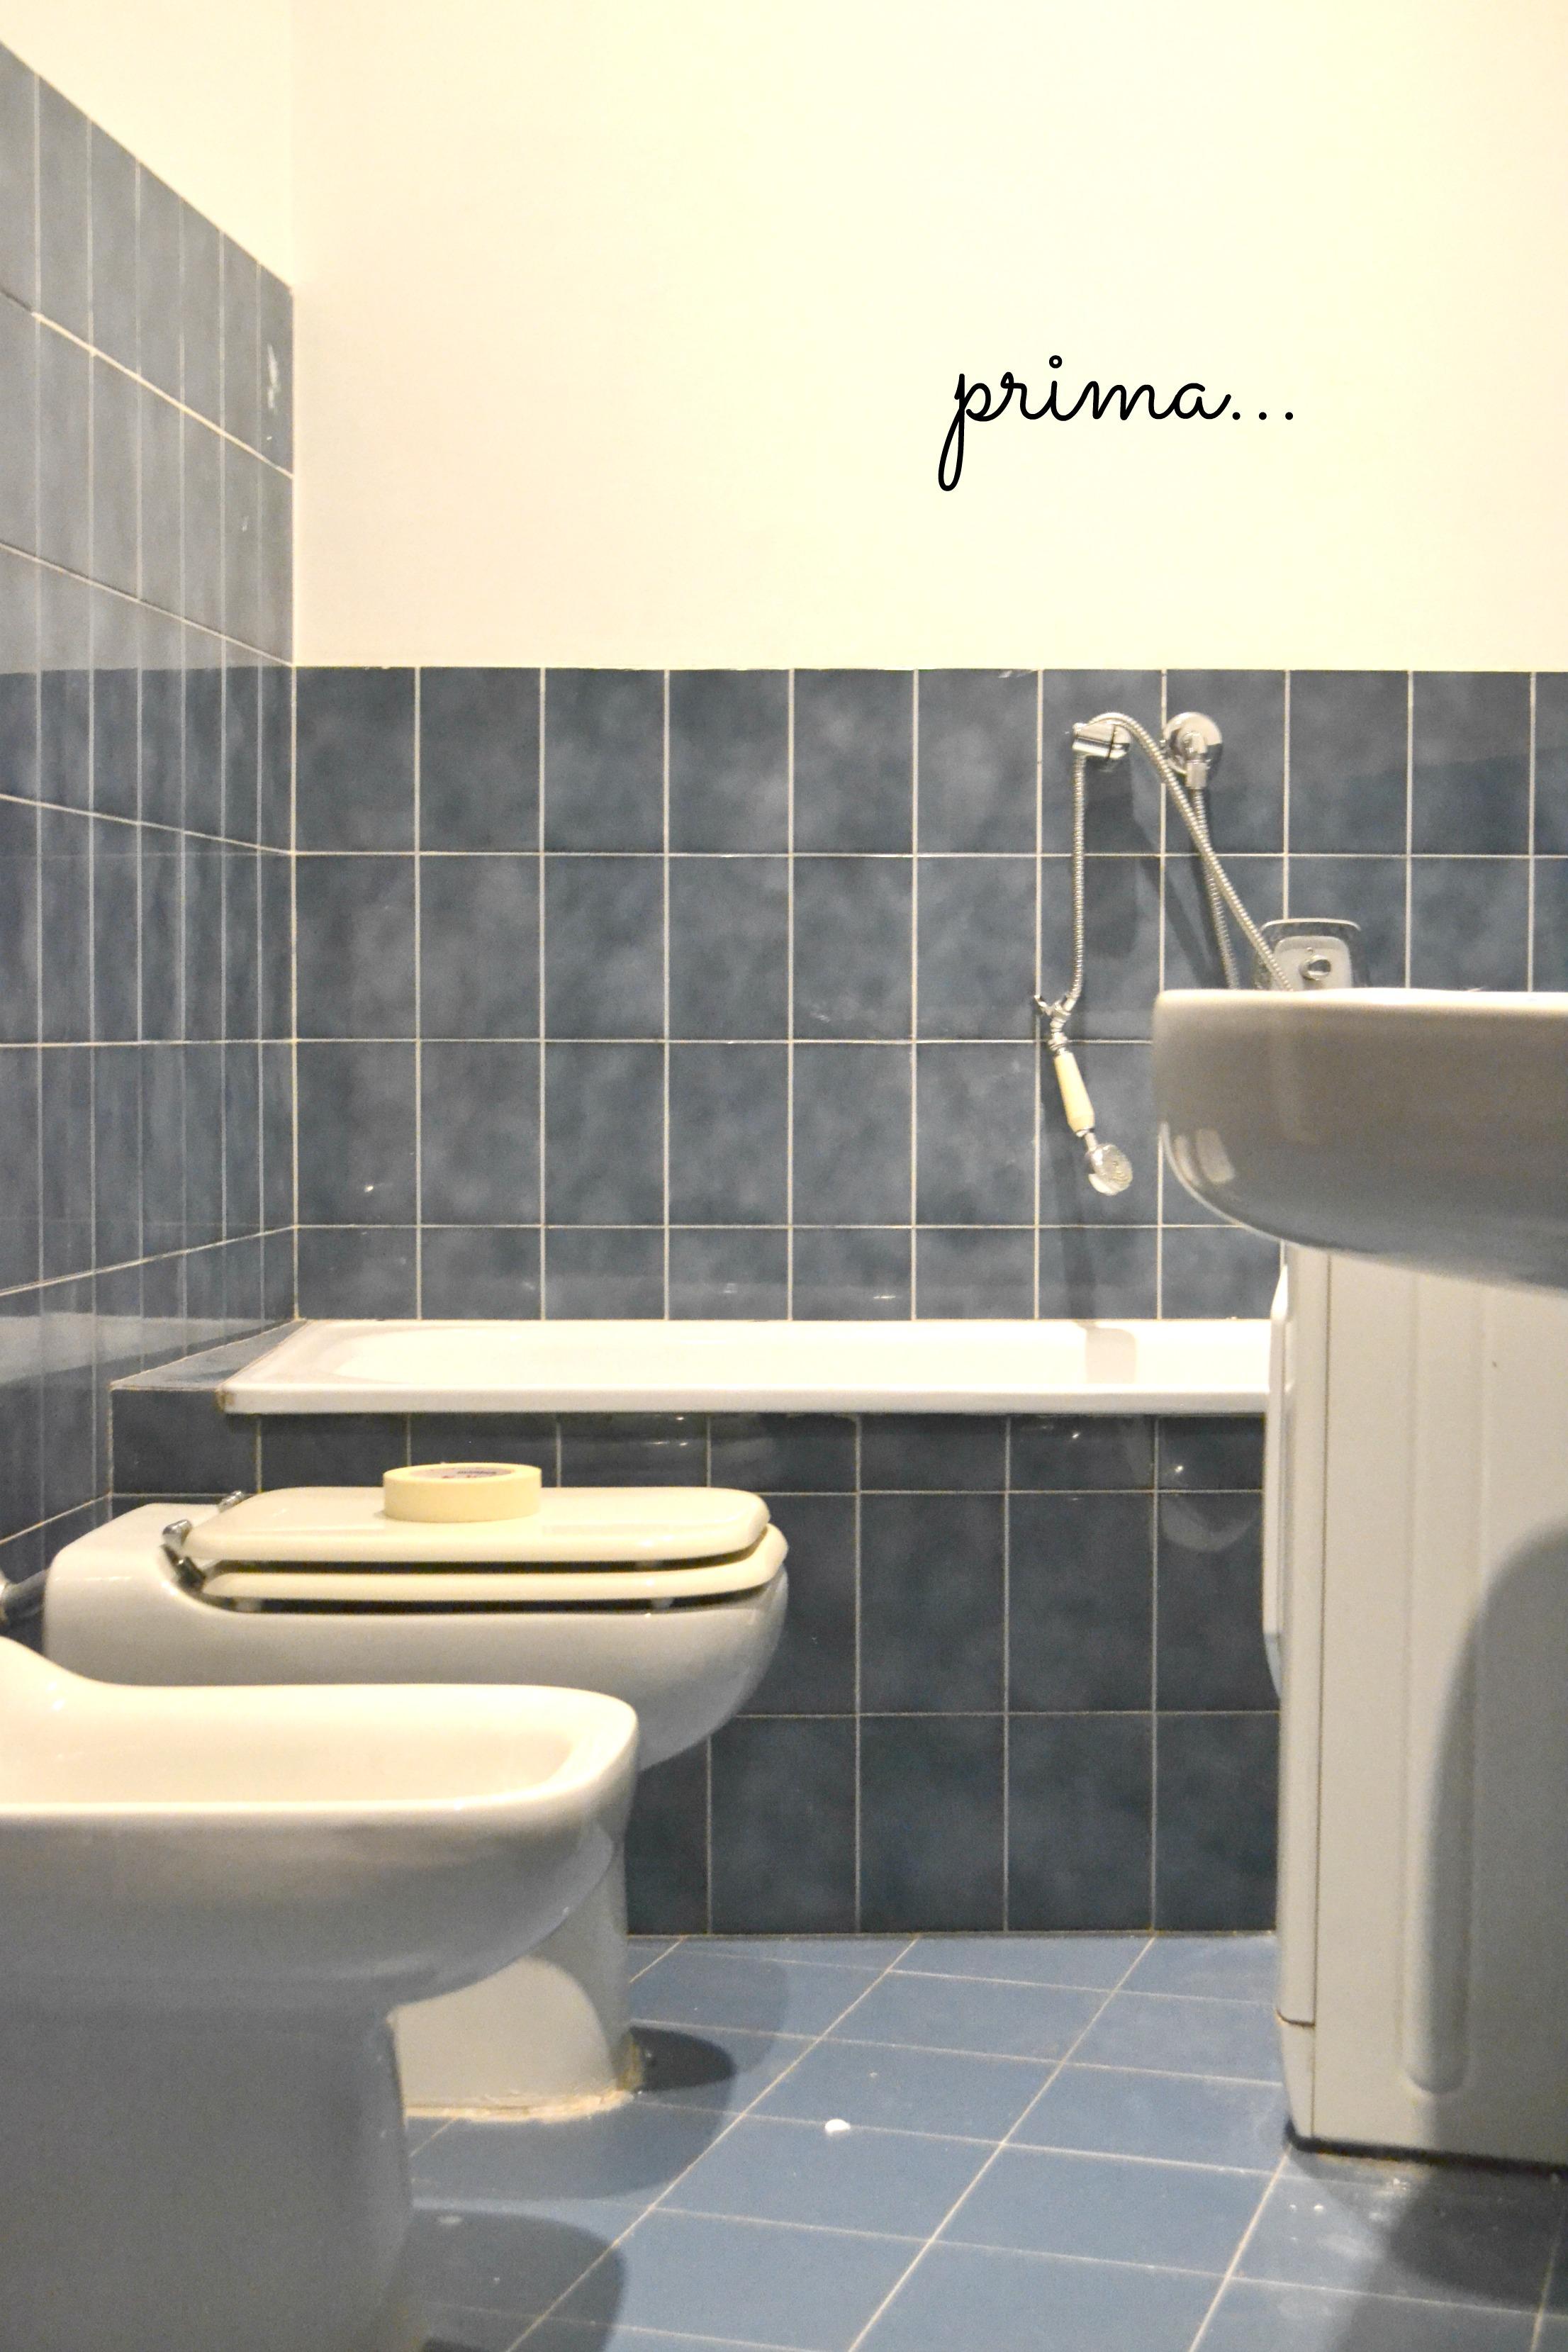 Pitturare piastrelle del bagno cm43 regardsdefemmes - Pitturare piastrelle bagno ...